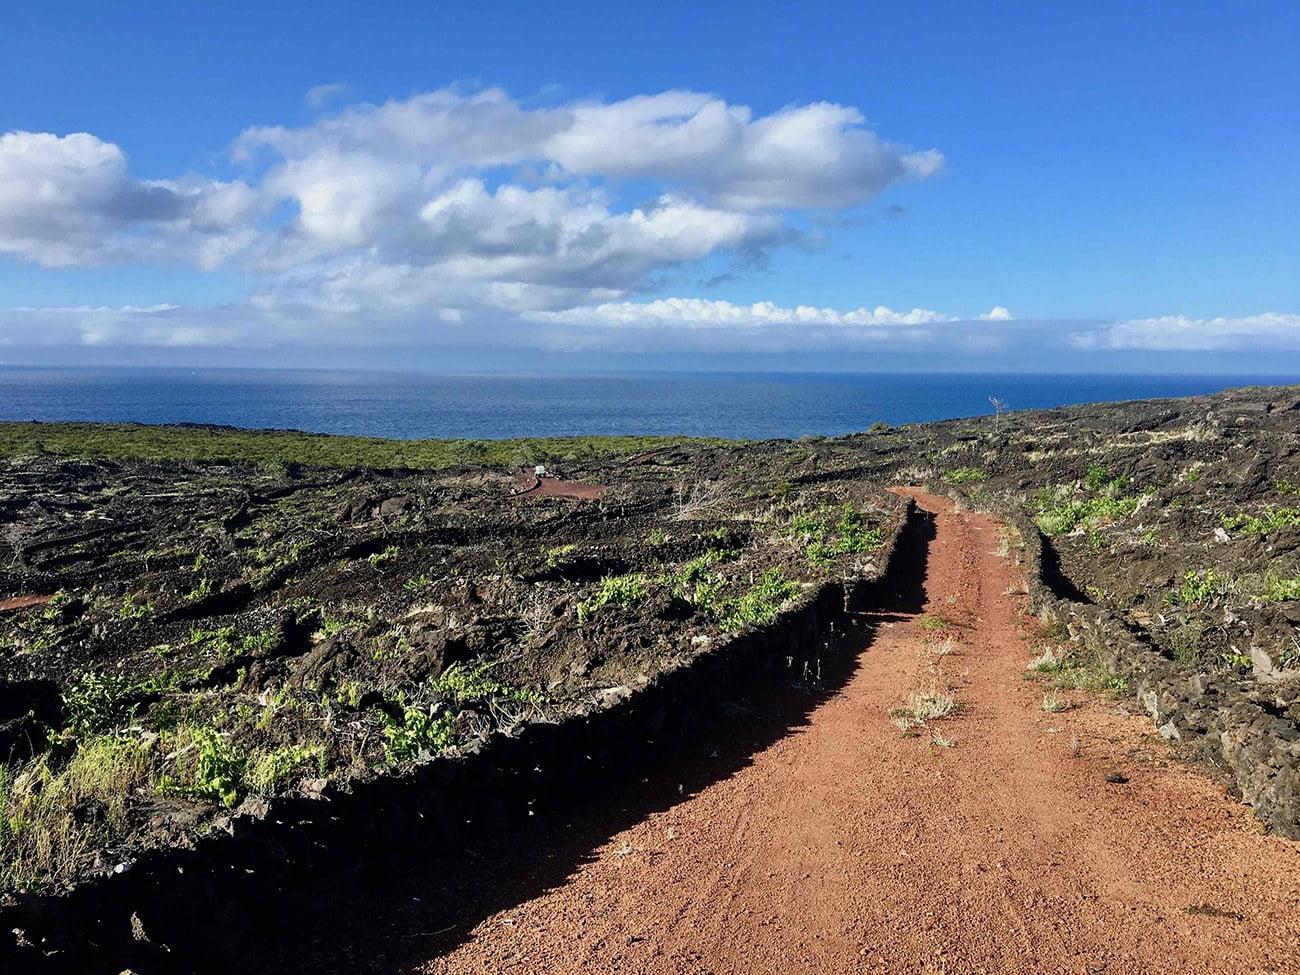 Imagem dos vinhedos da ilha do Pico